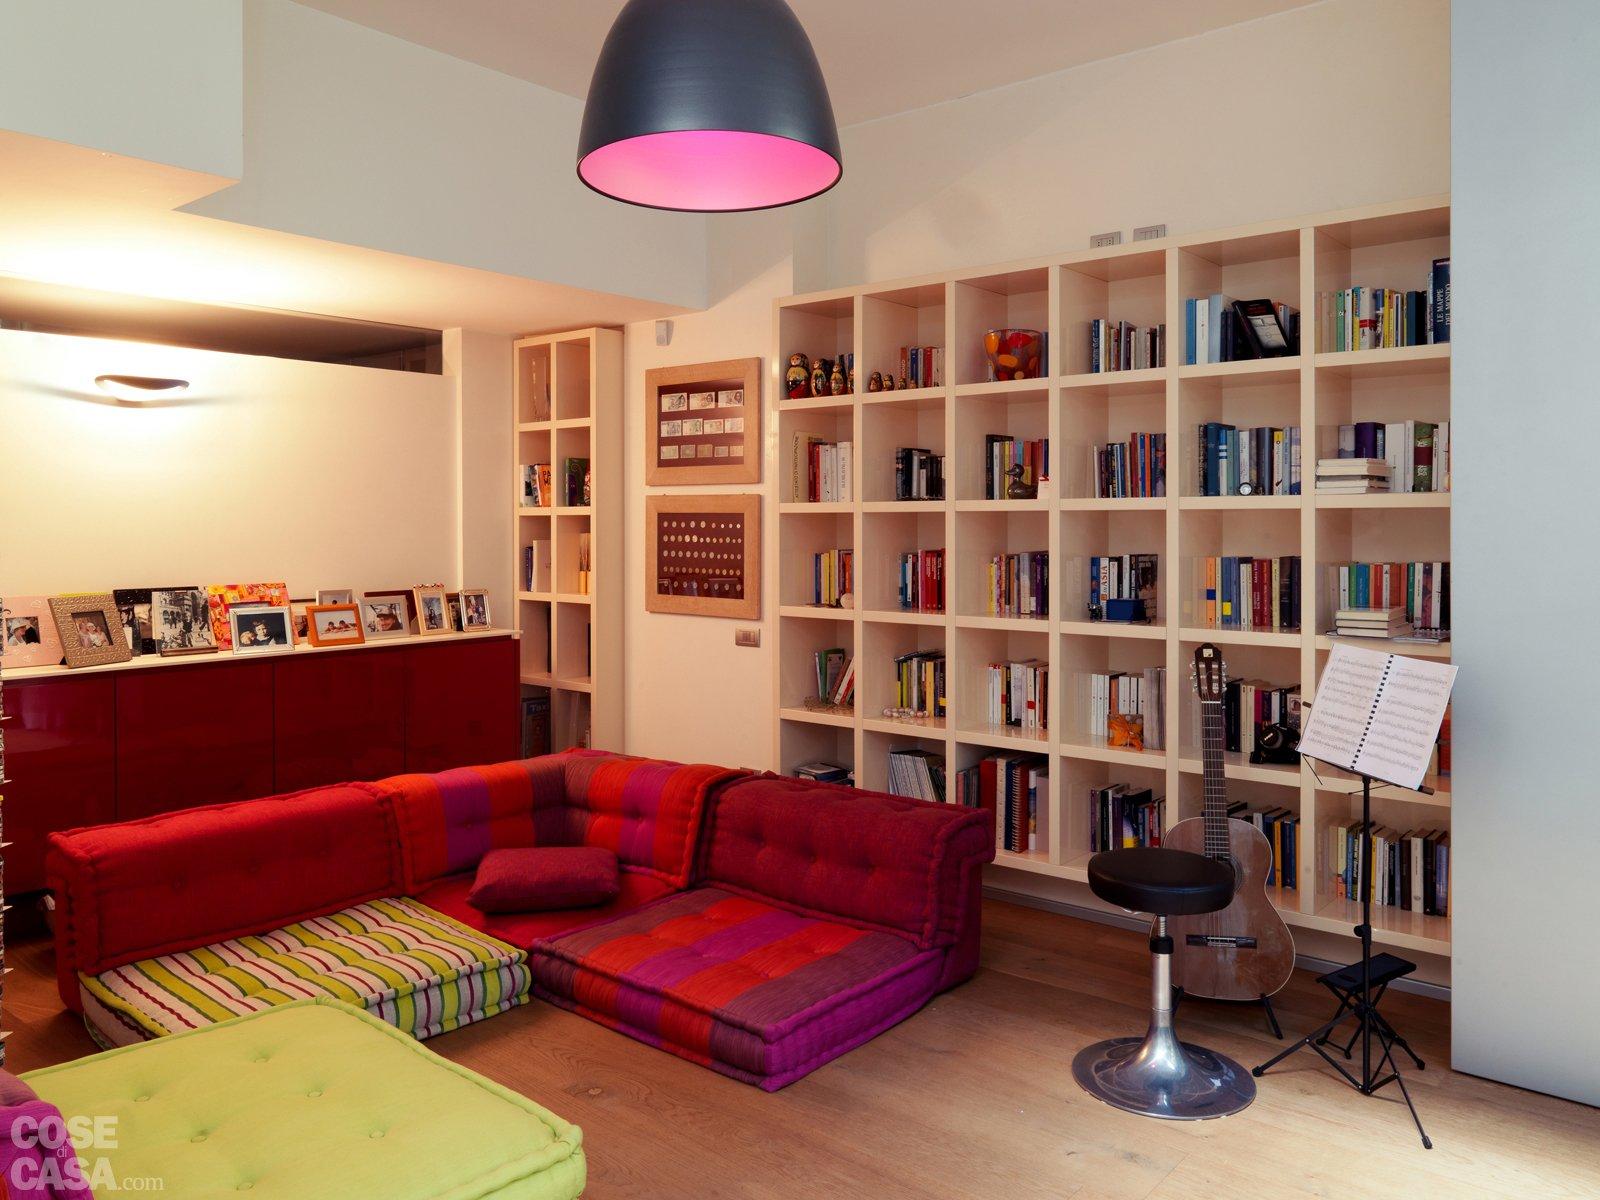 Forum Arredamento.it •Un consiglio per ingresso-soggiorno ...